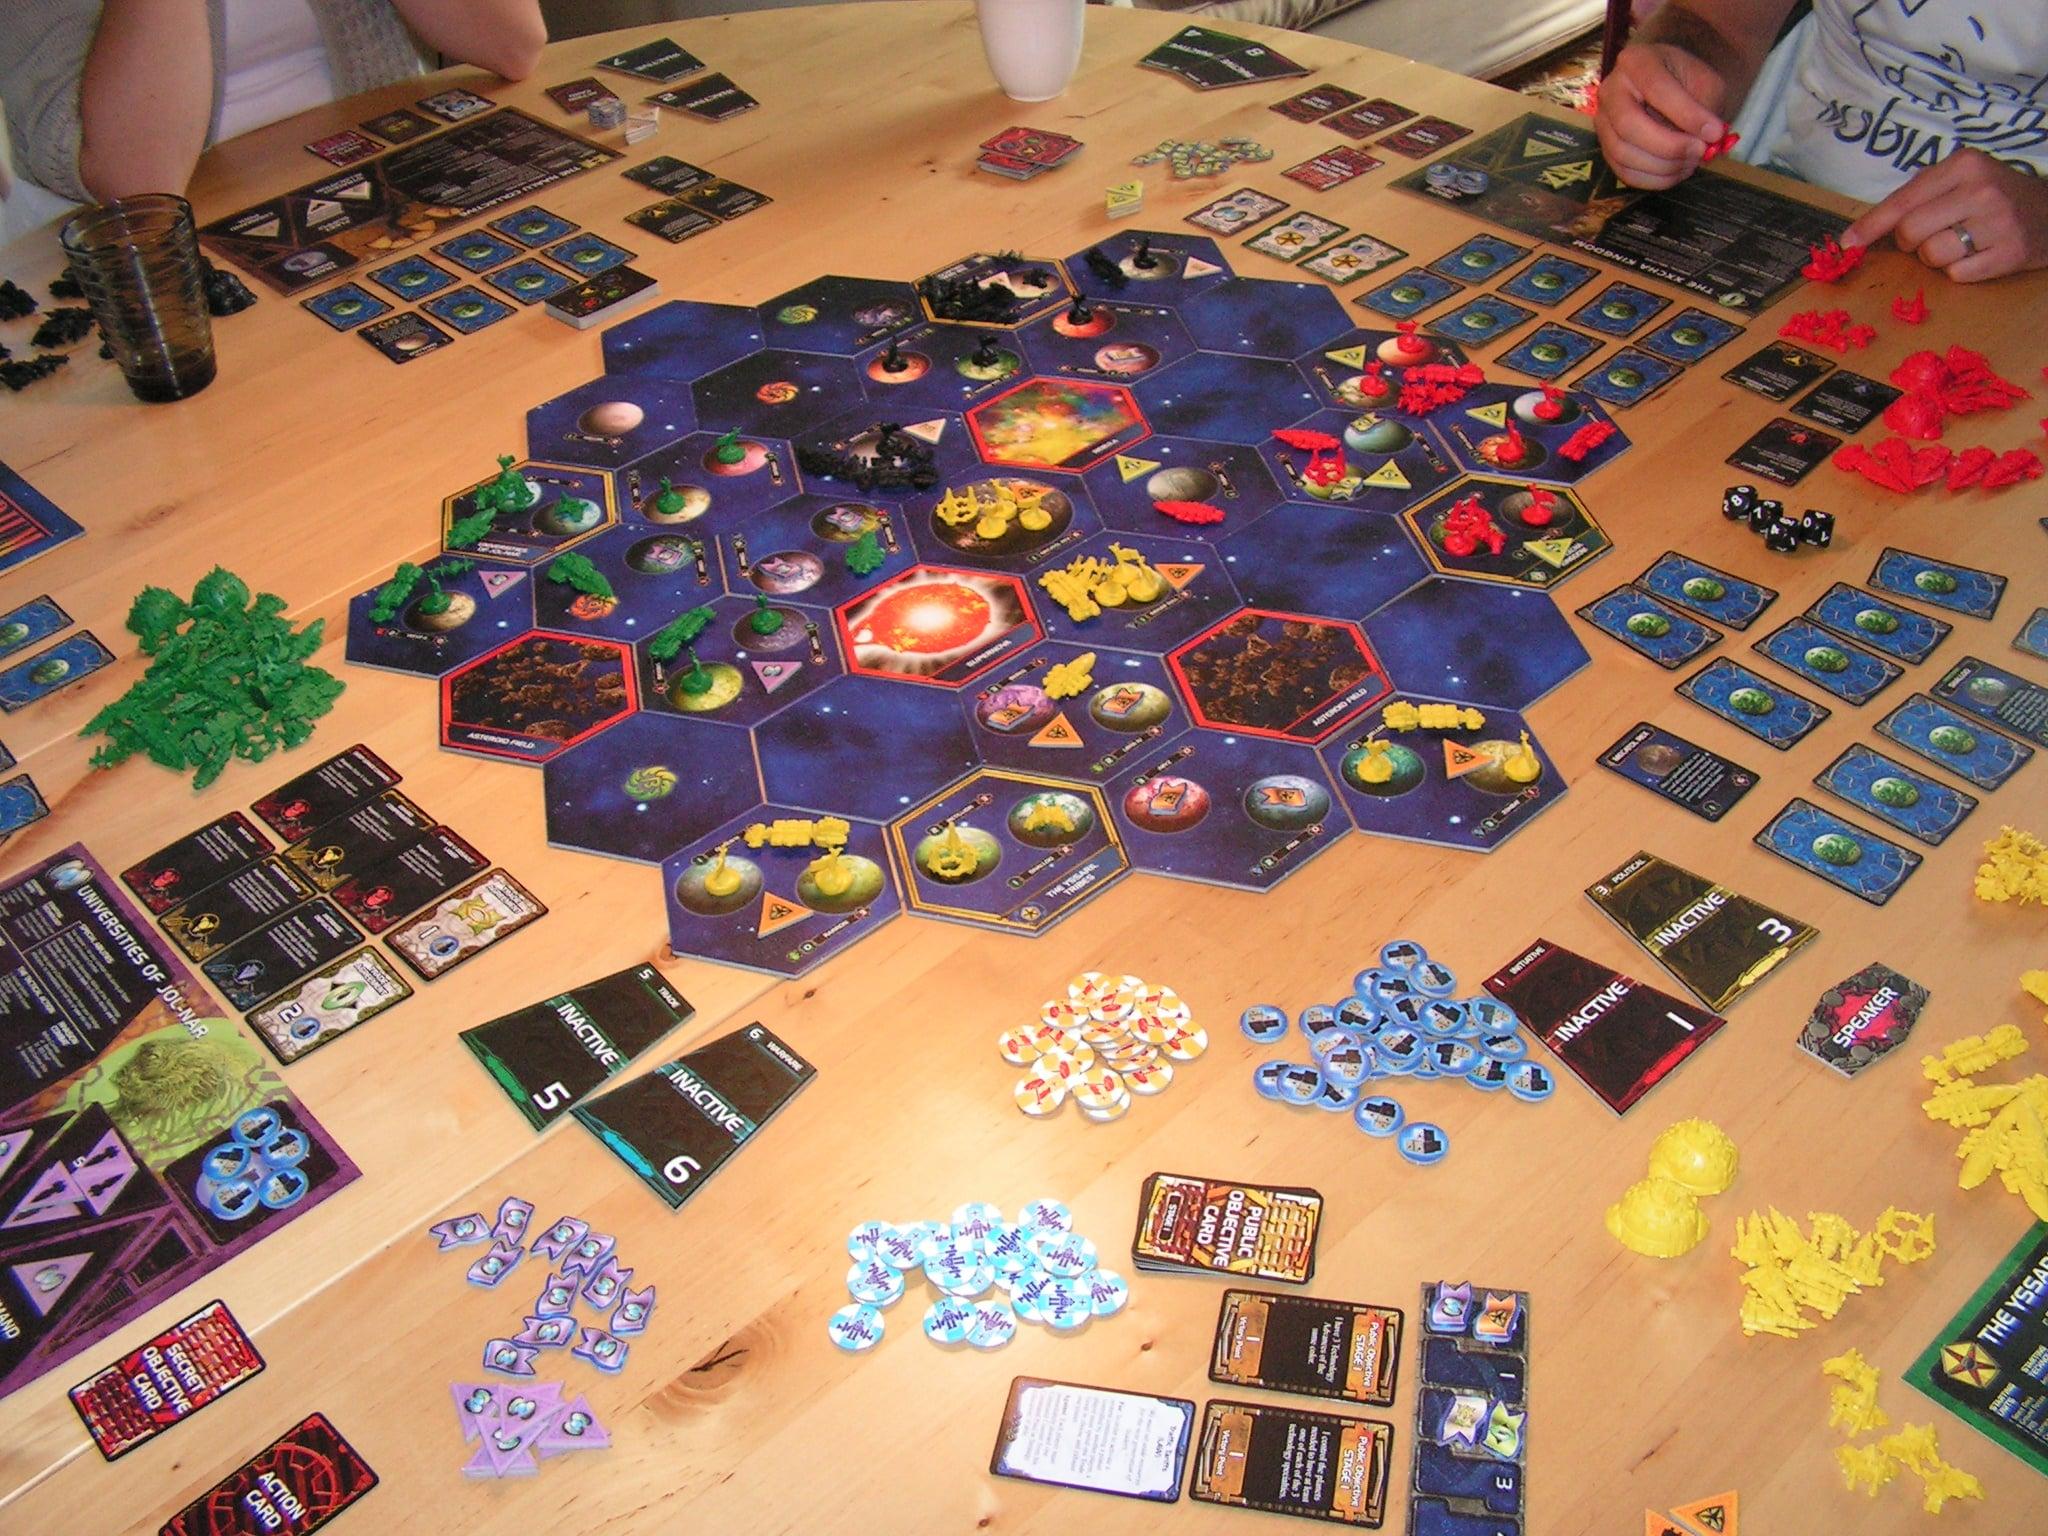 Twilight Imperium in progress